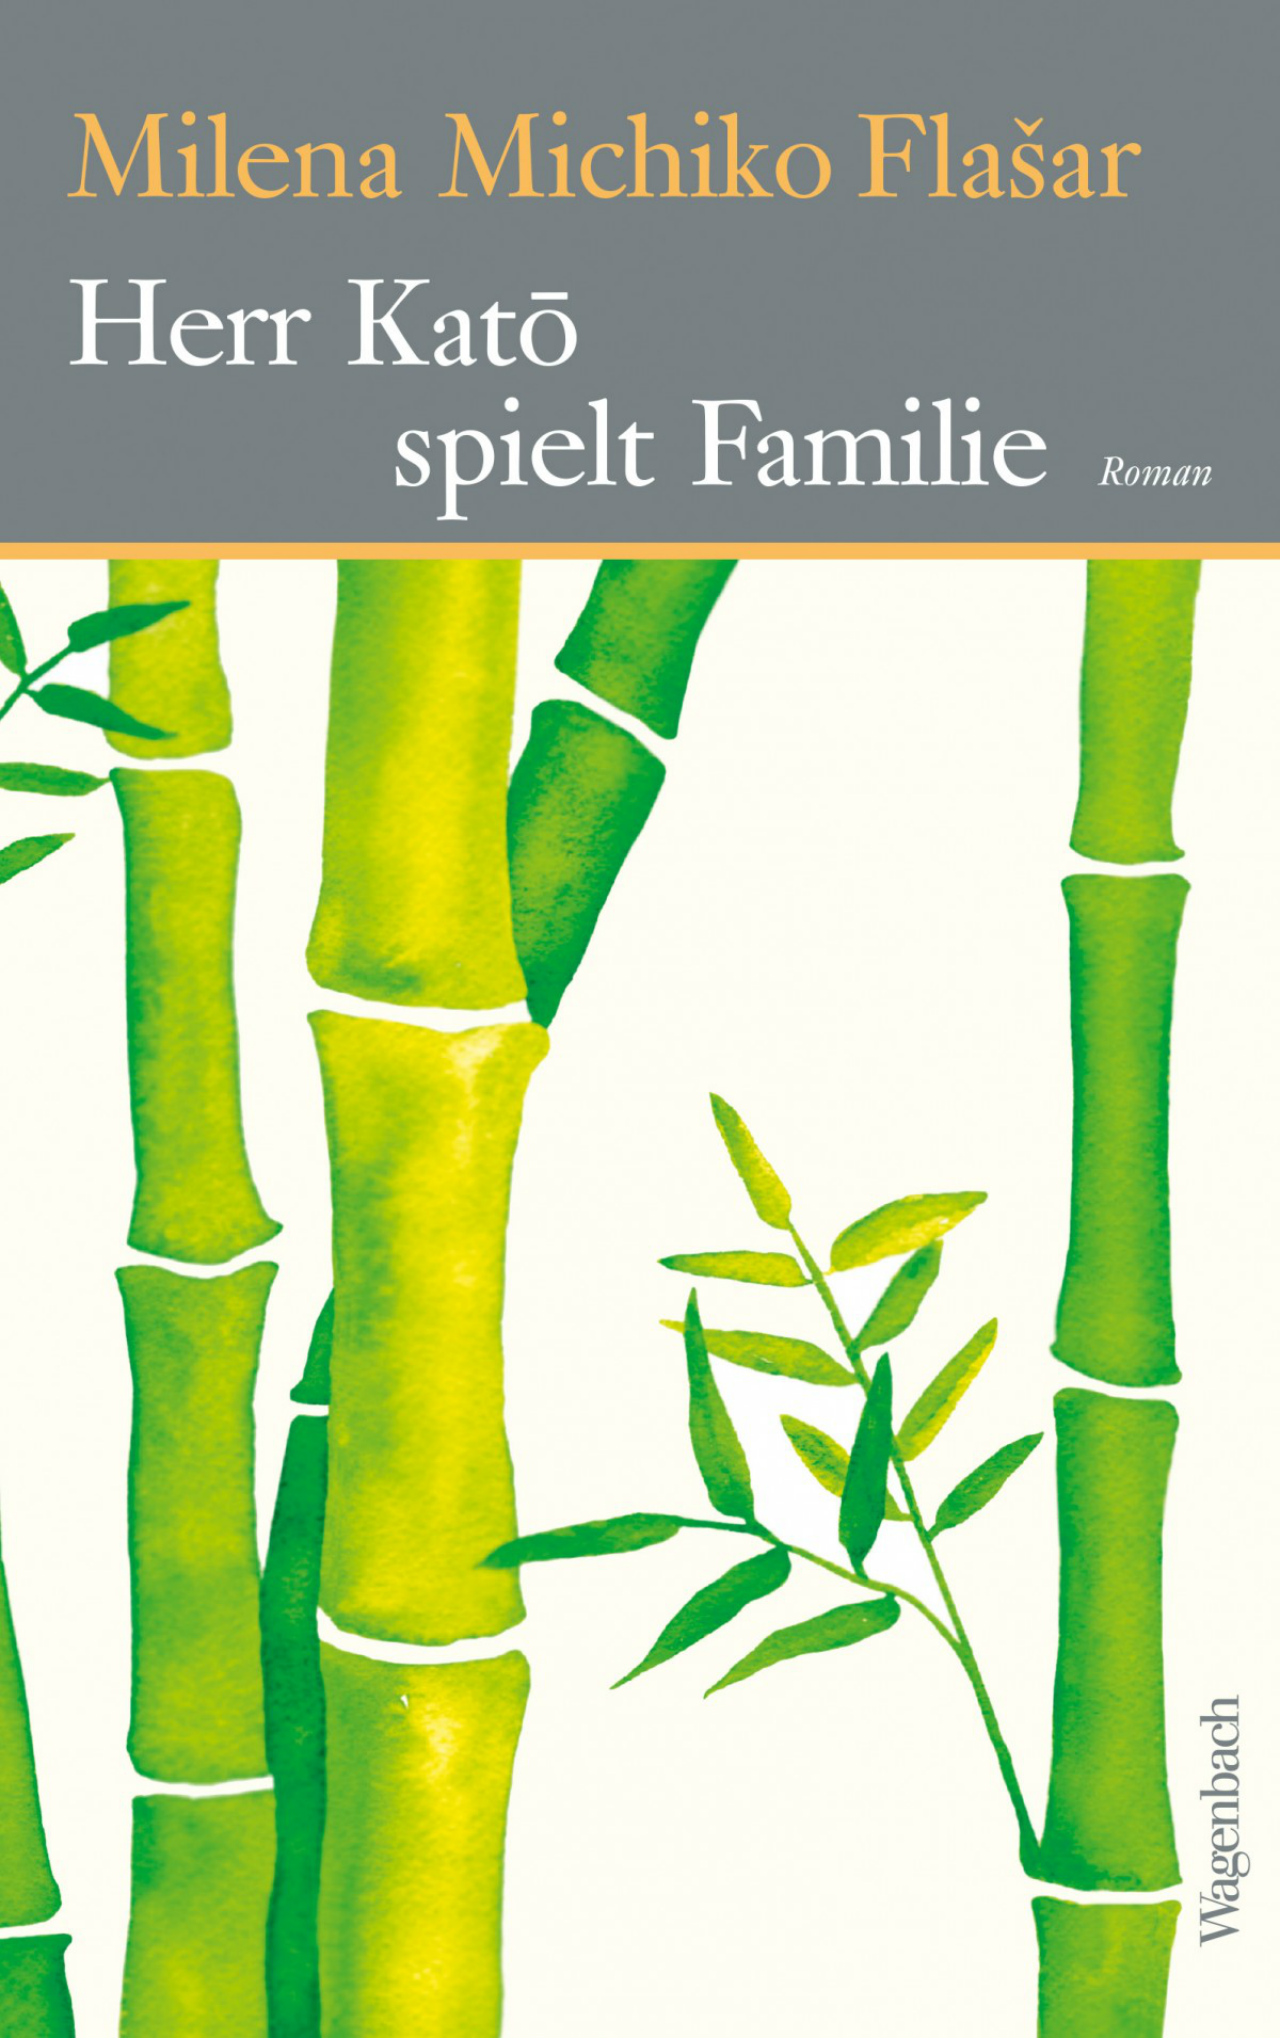 """Buchcover """"Herr Katō spielt Familie"""" von Milena Michiko Flašar"""